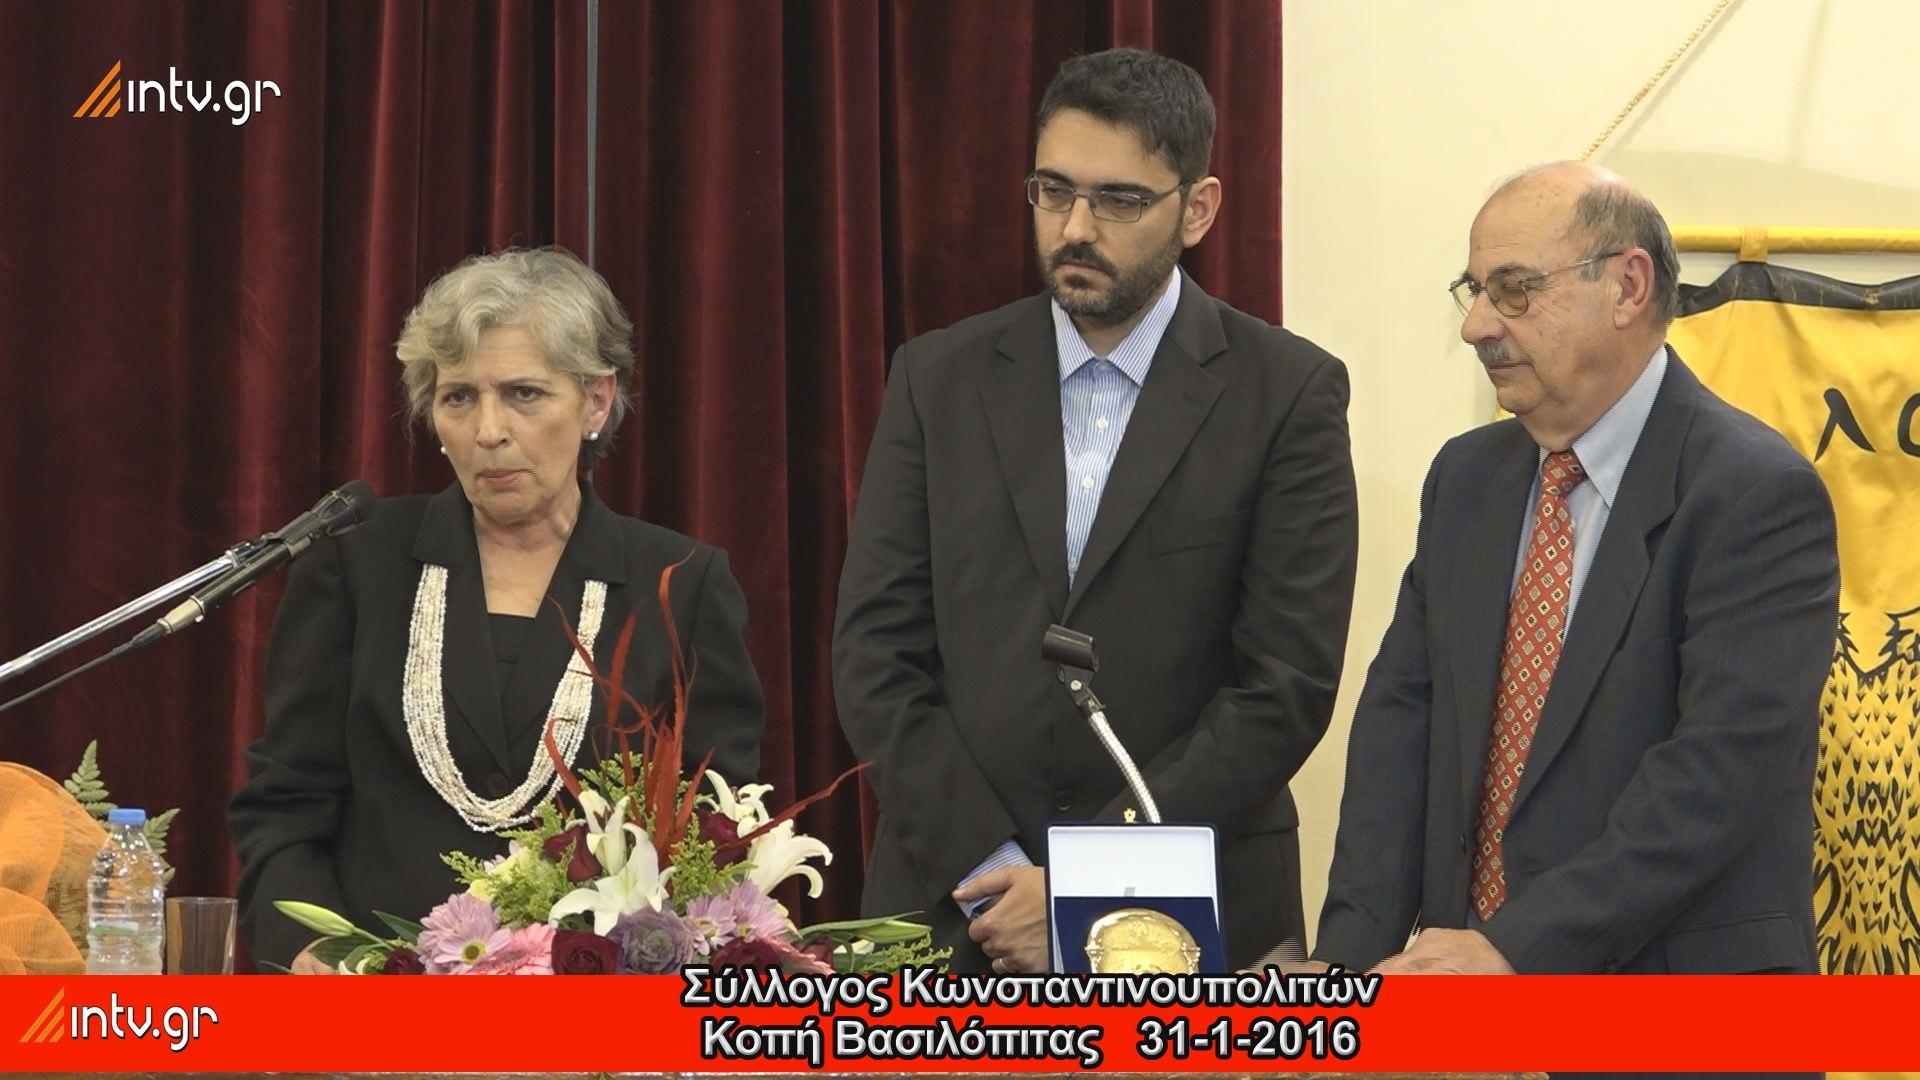 Σύλλογος Κωνσταντινουπολιτών - Κοπή Βασιλόπιτας